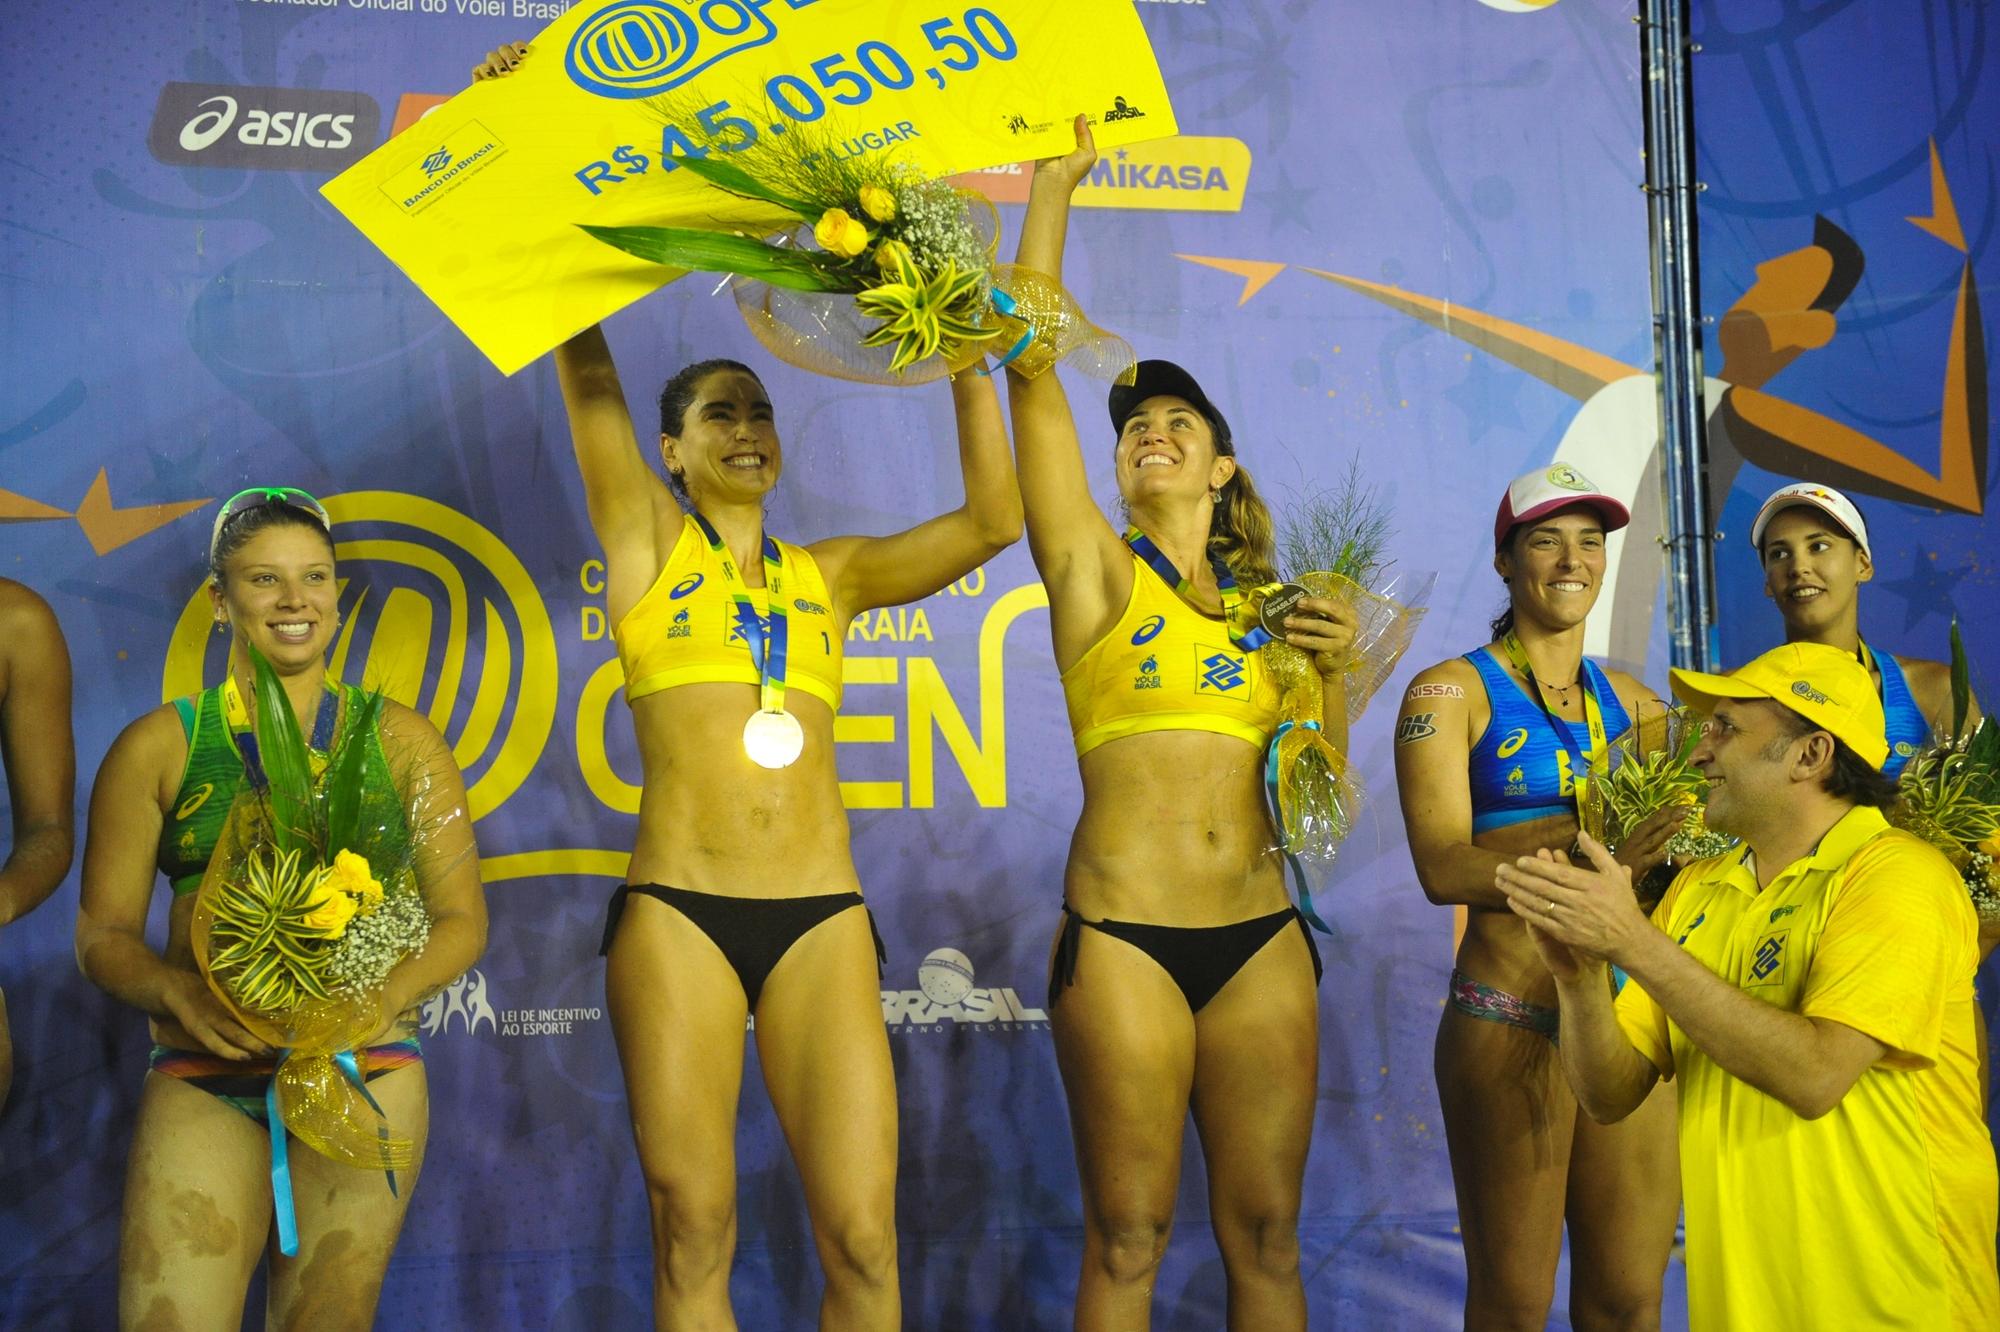 Maria Elisa e Carol Solberg conquistam etapa disputada em Itapema (SC)